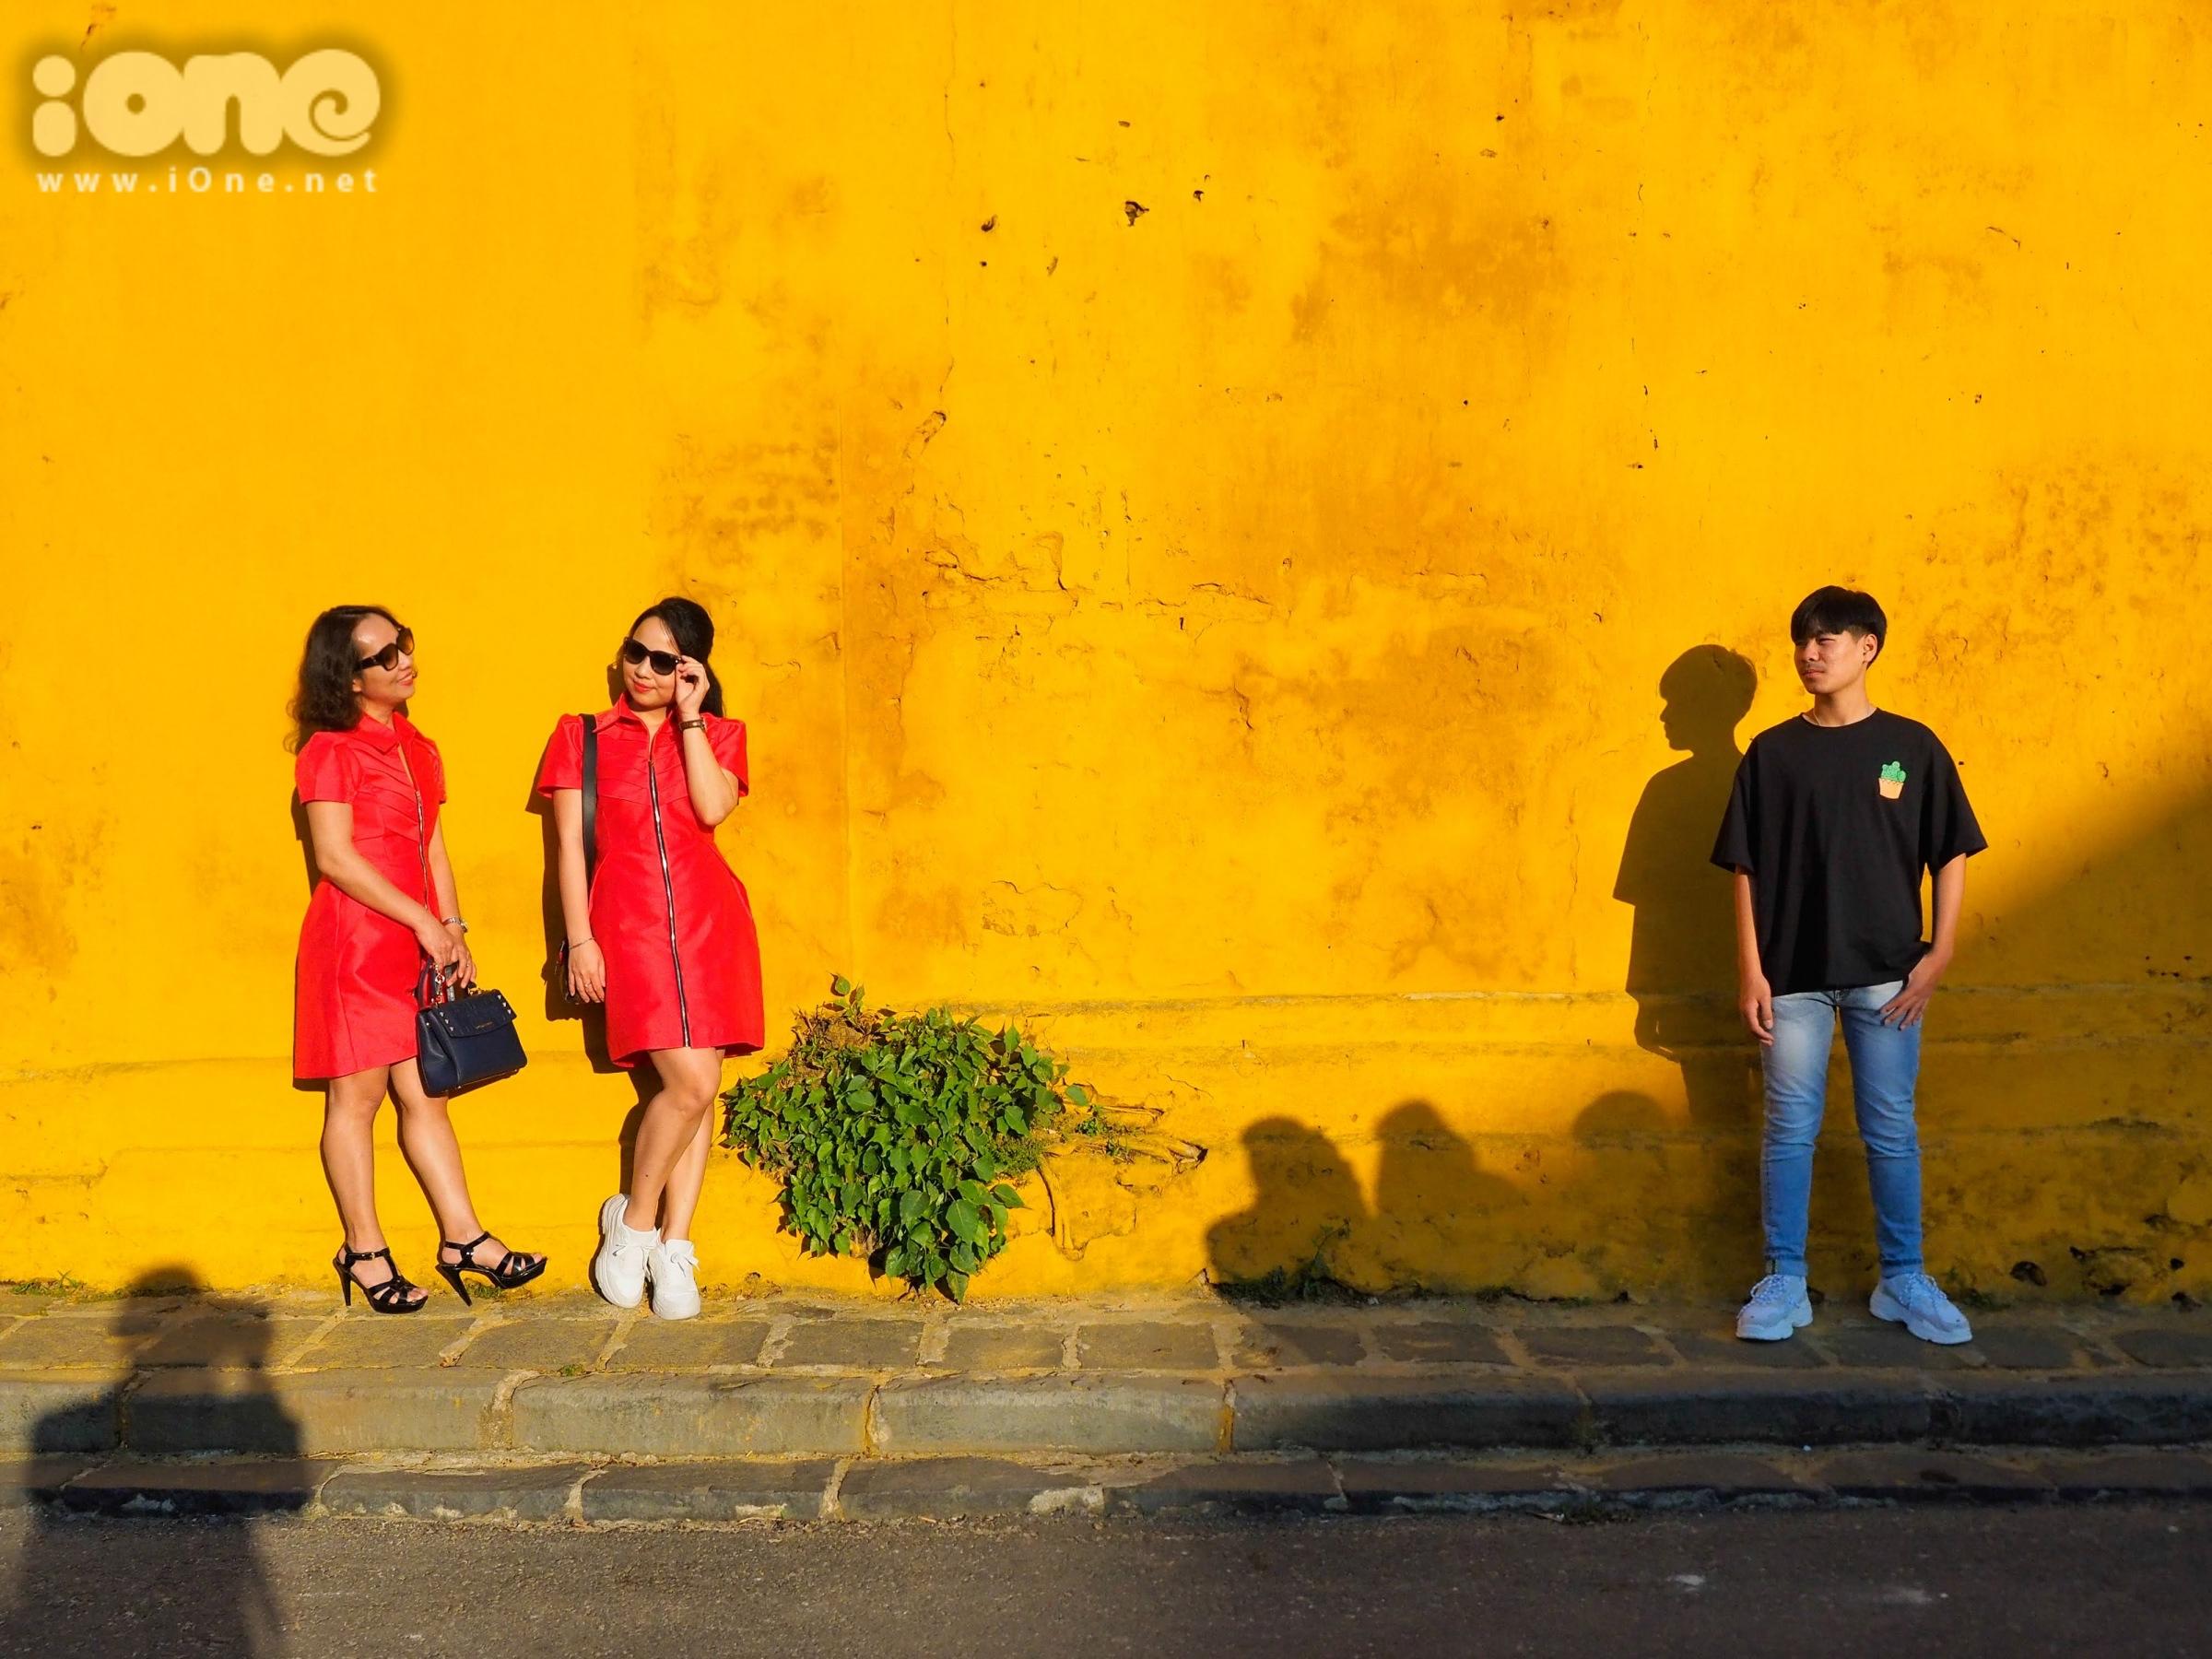 Những bức tường màu vàng ở cạnh chùa Cầu, Hội Quán Quảng Đông, các quán cafe trên cao, đường Bạch Đằng ven sông Hoài... là nơi du khách dừng chân để chụp ảnh ngoại cảnh đông đảo.